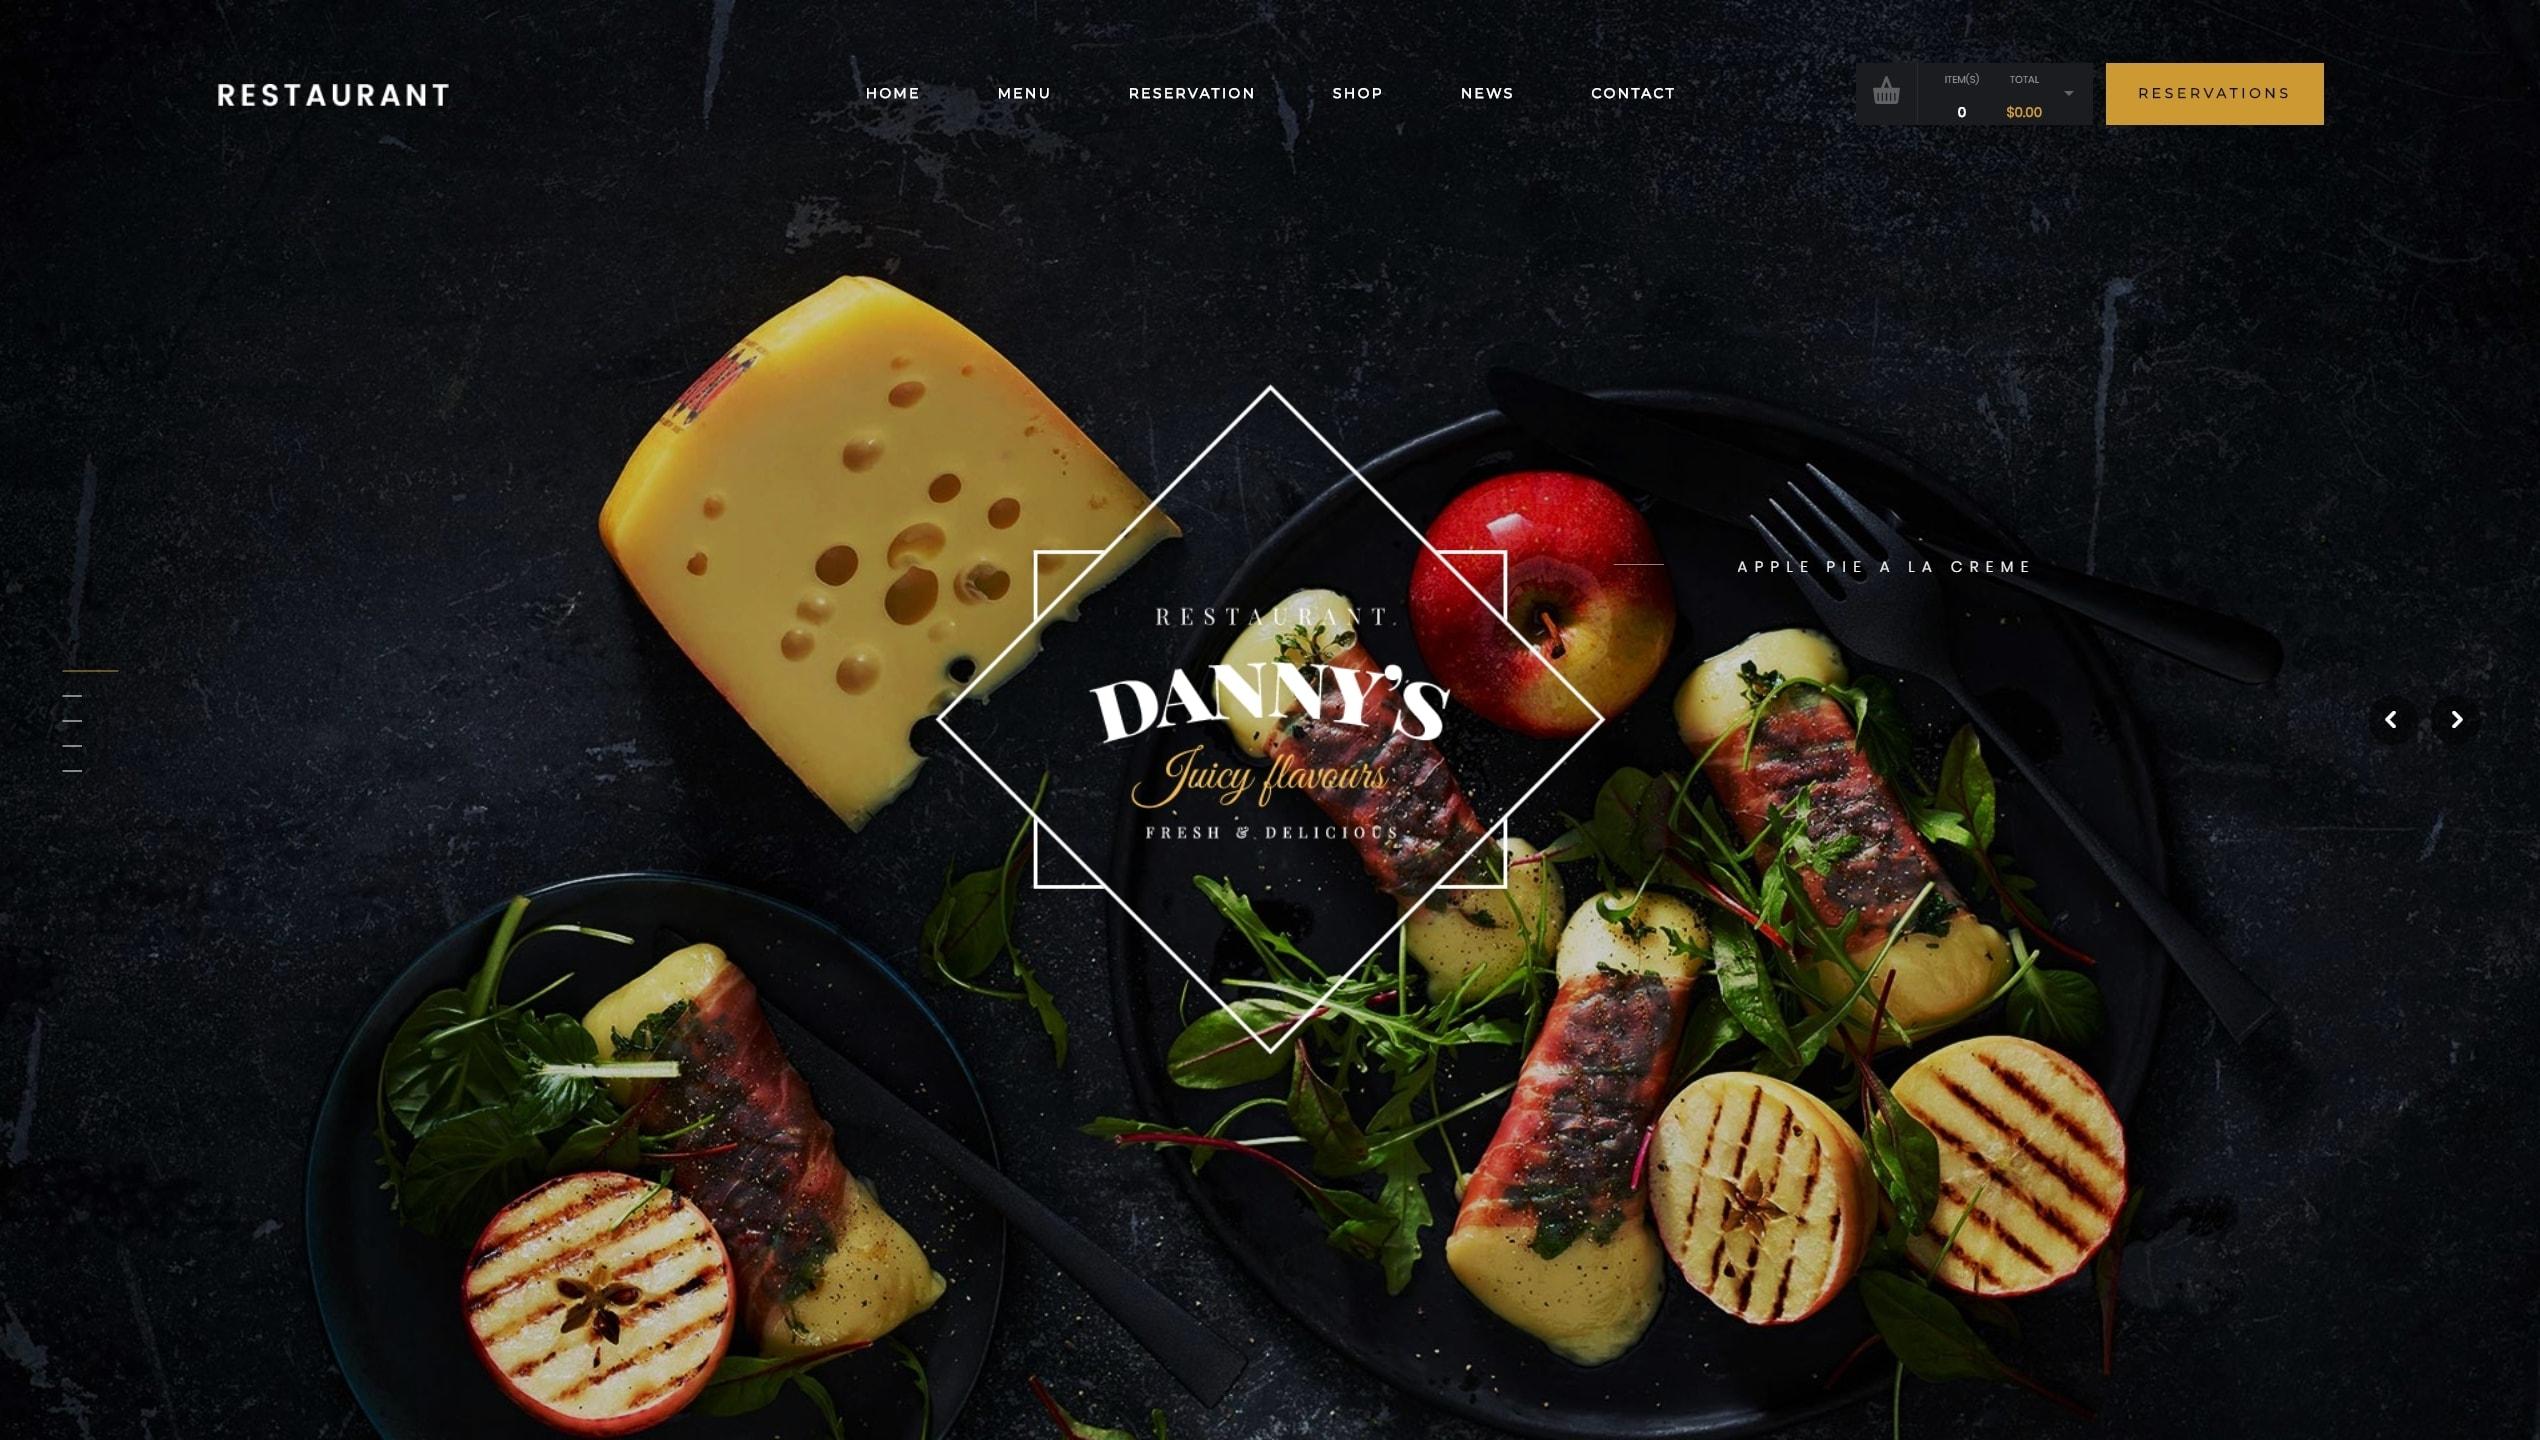 Лучшие WordPress шаблоны для ресторана, кафе и бара с меню и доставкой